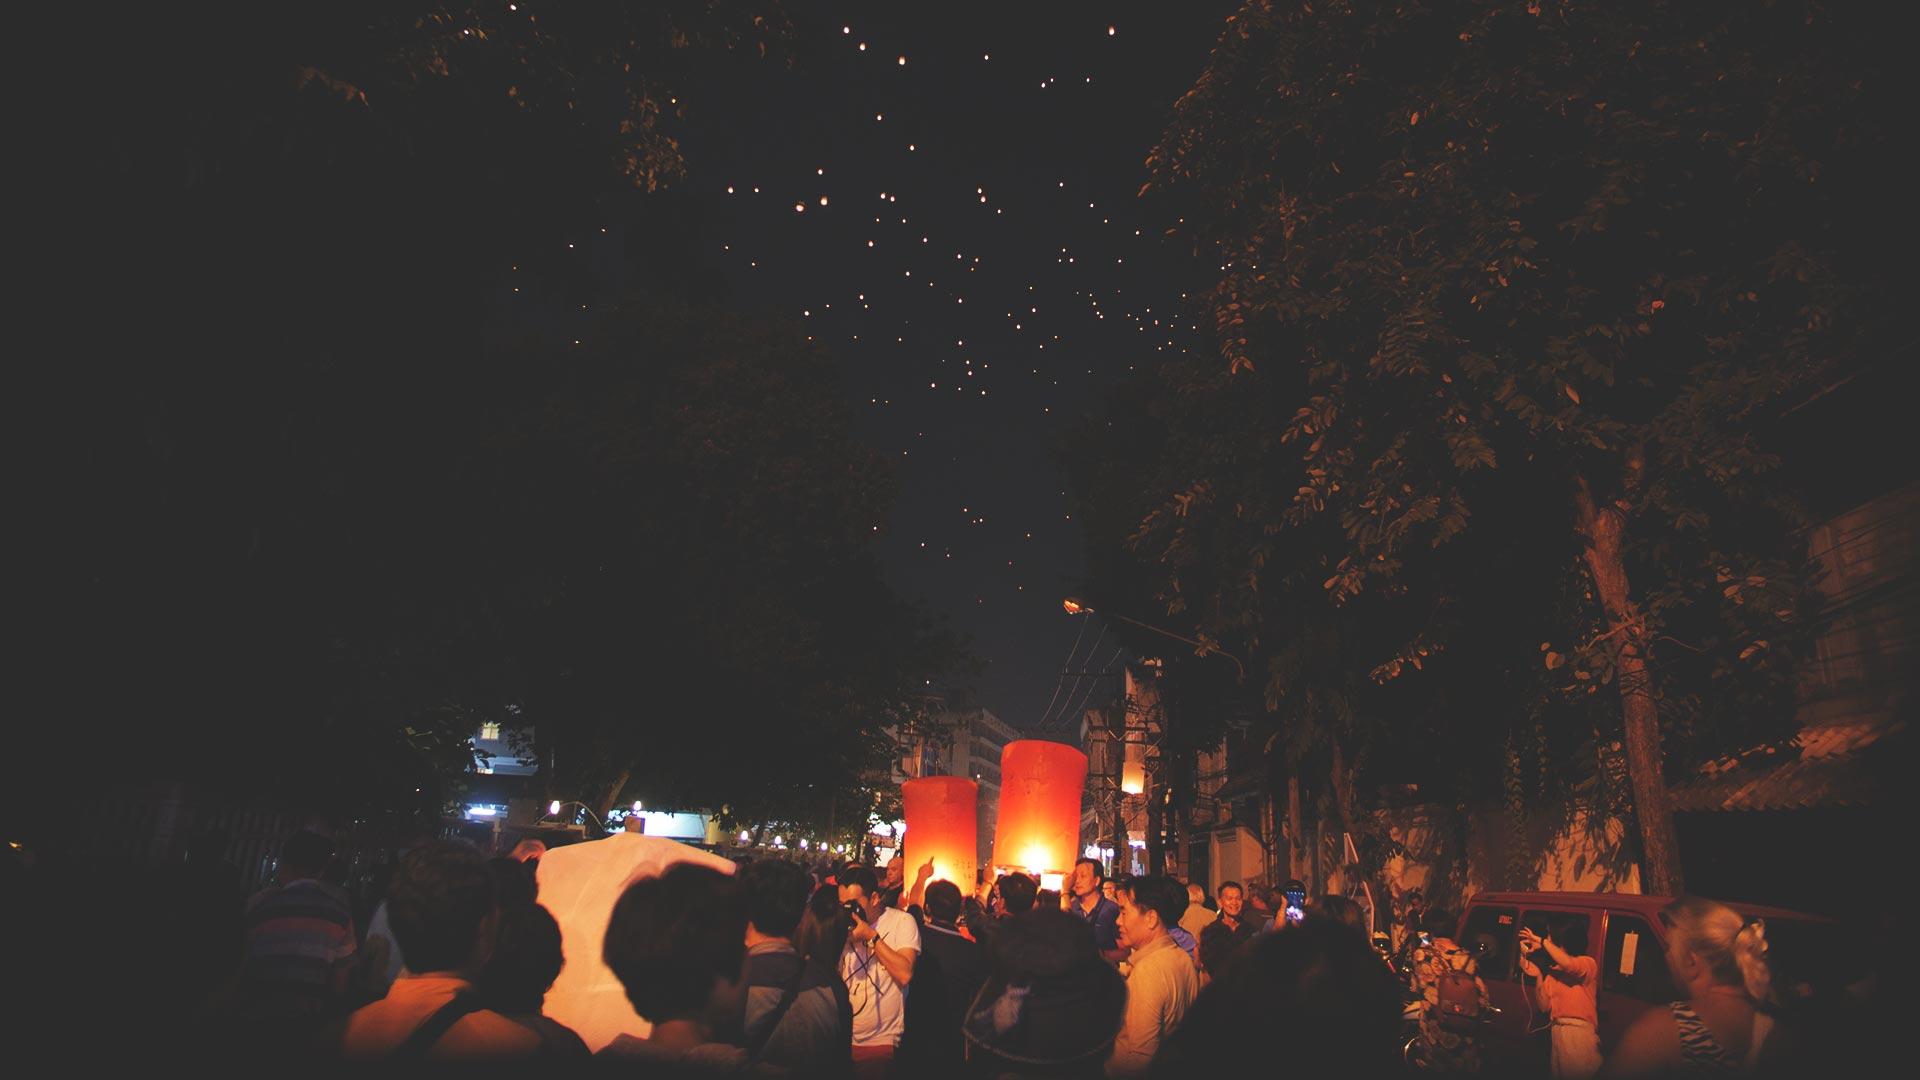 Yee Peng Festival in Chiang Mai - Seitenstraße mit aufsteigenden Laternen am Horizont